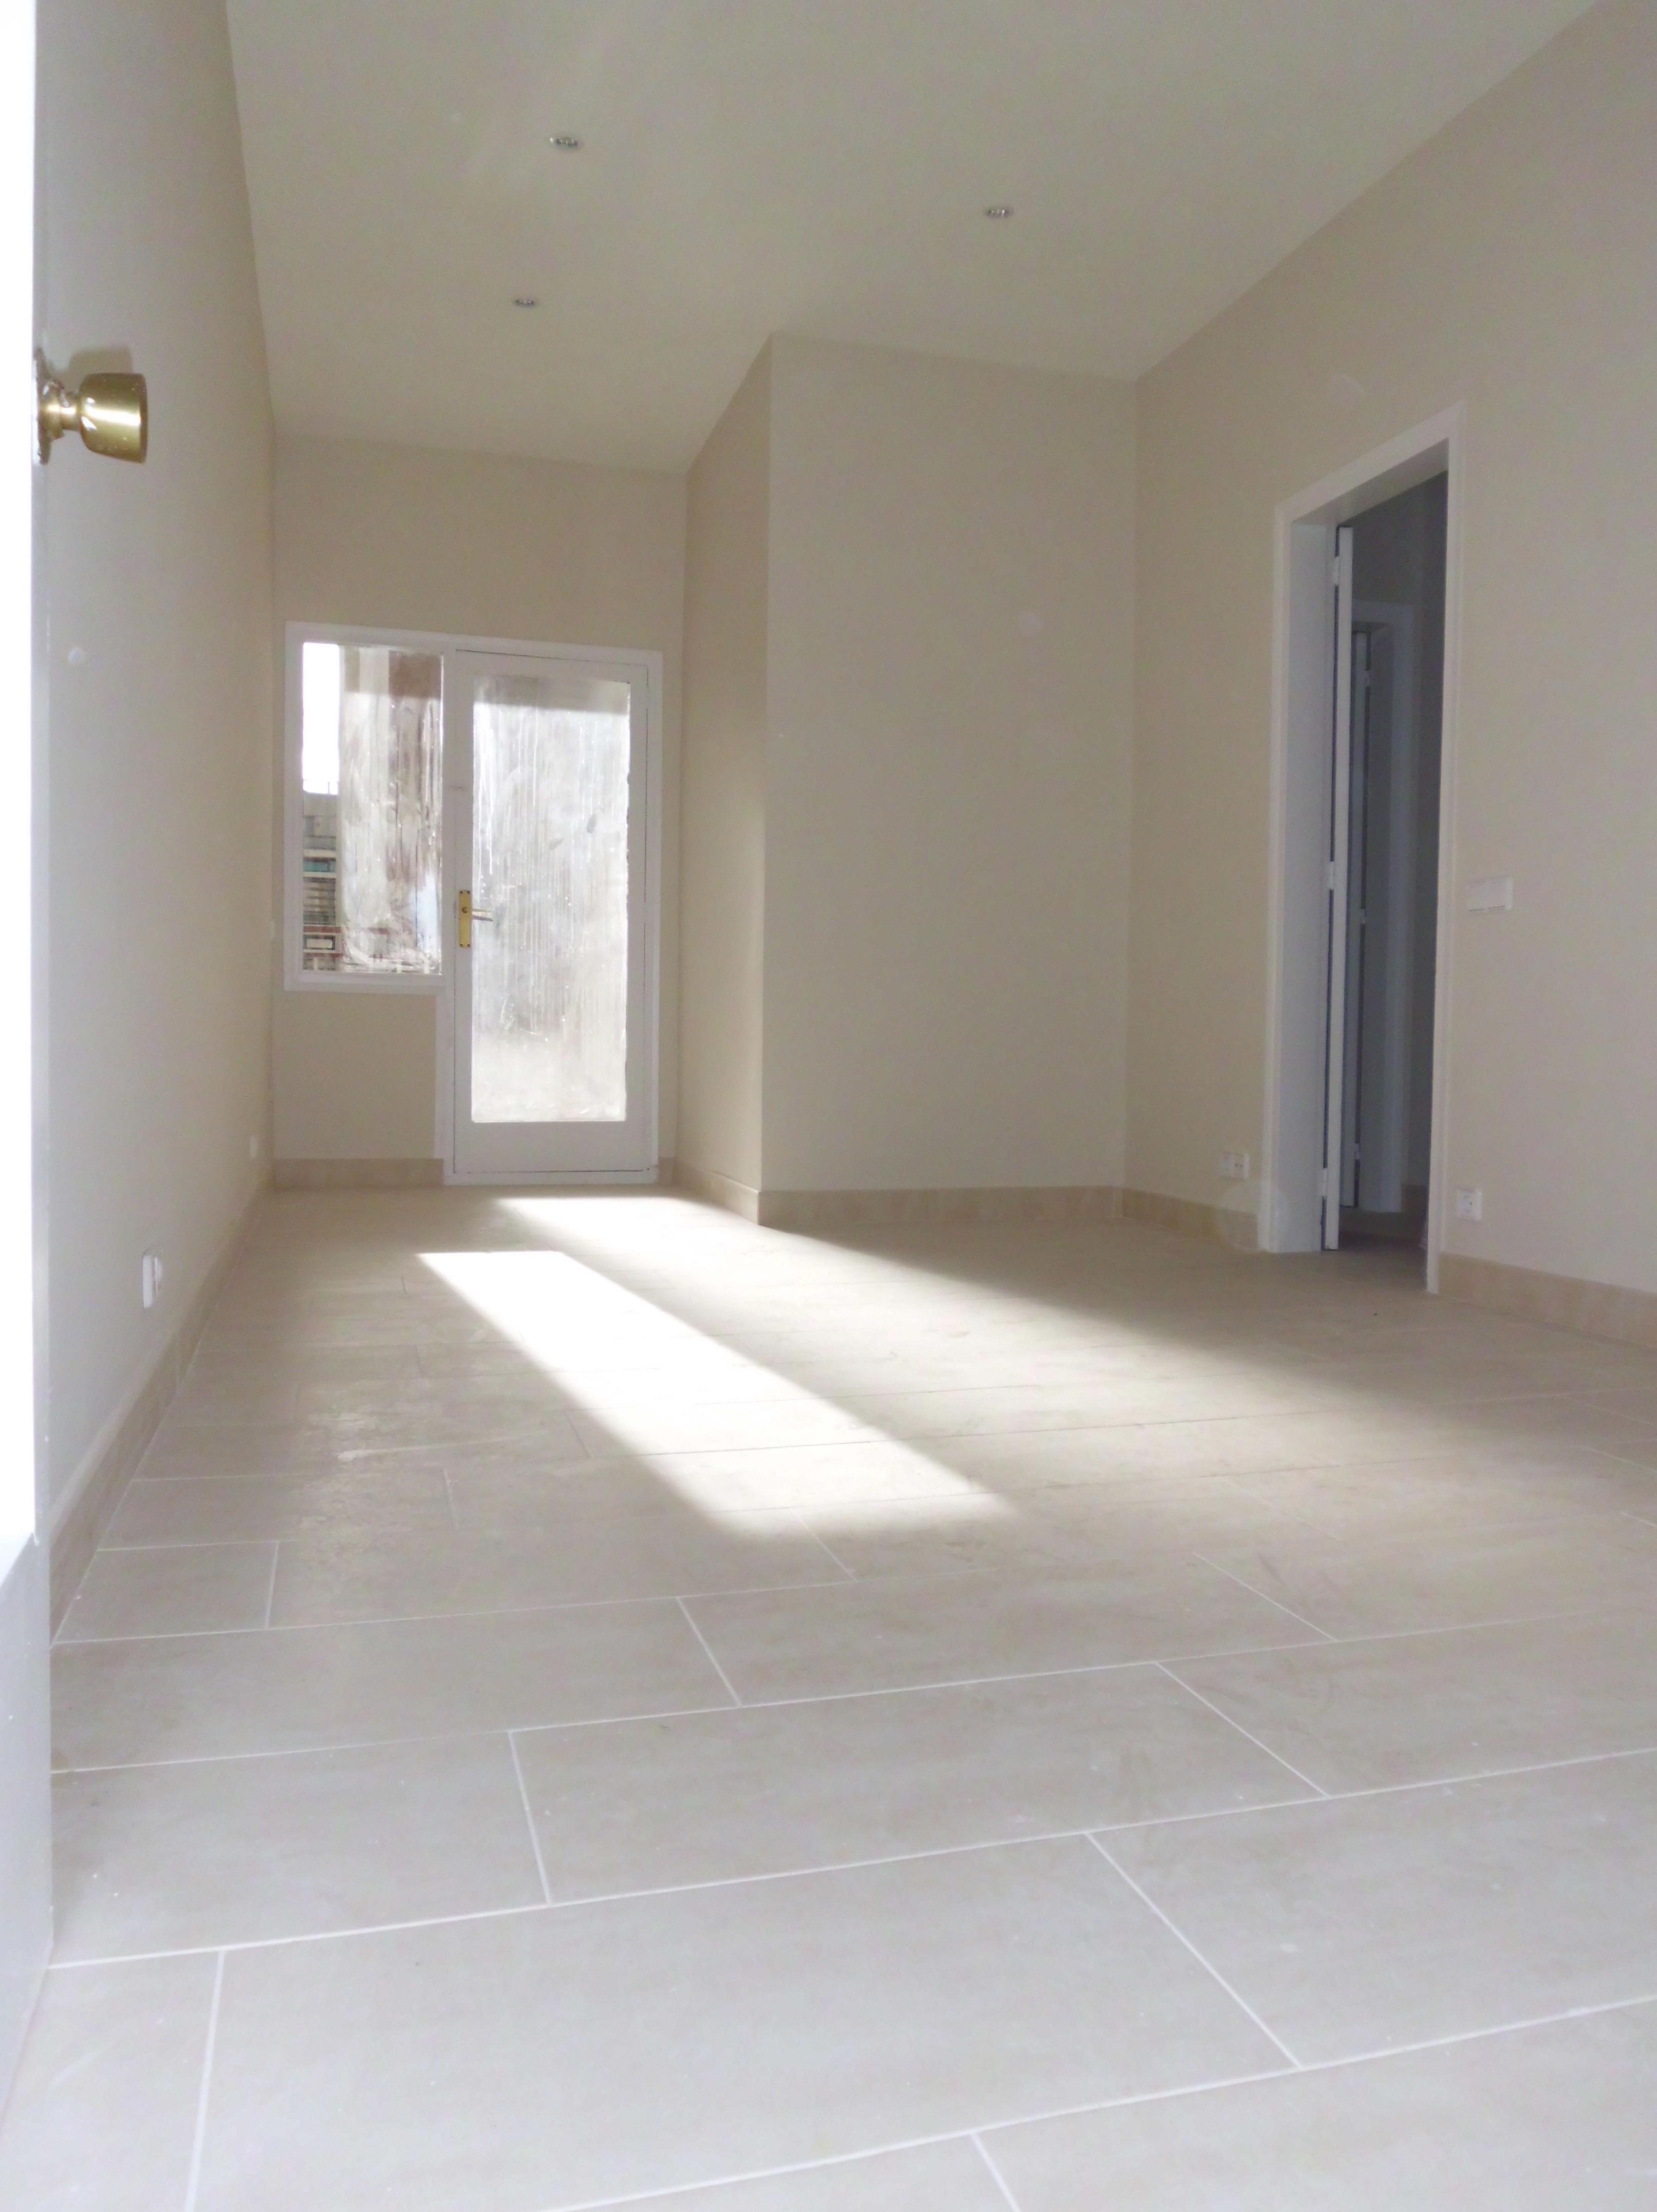 Reforma económica de un piso \u002D enladrillado, pintura e instalación eléctrica